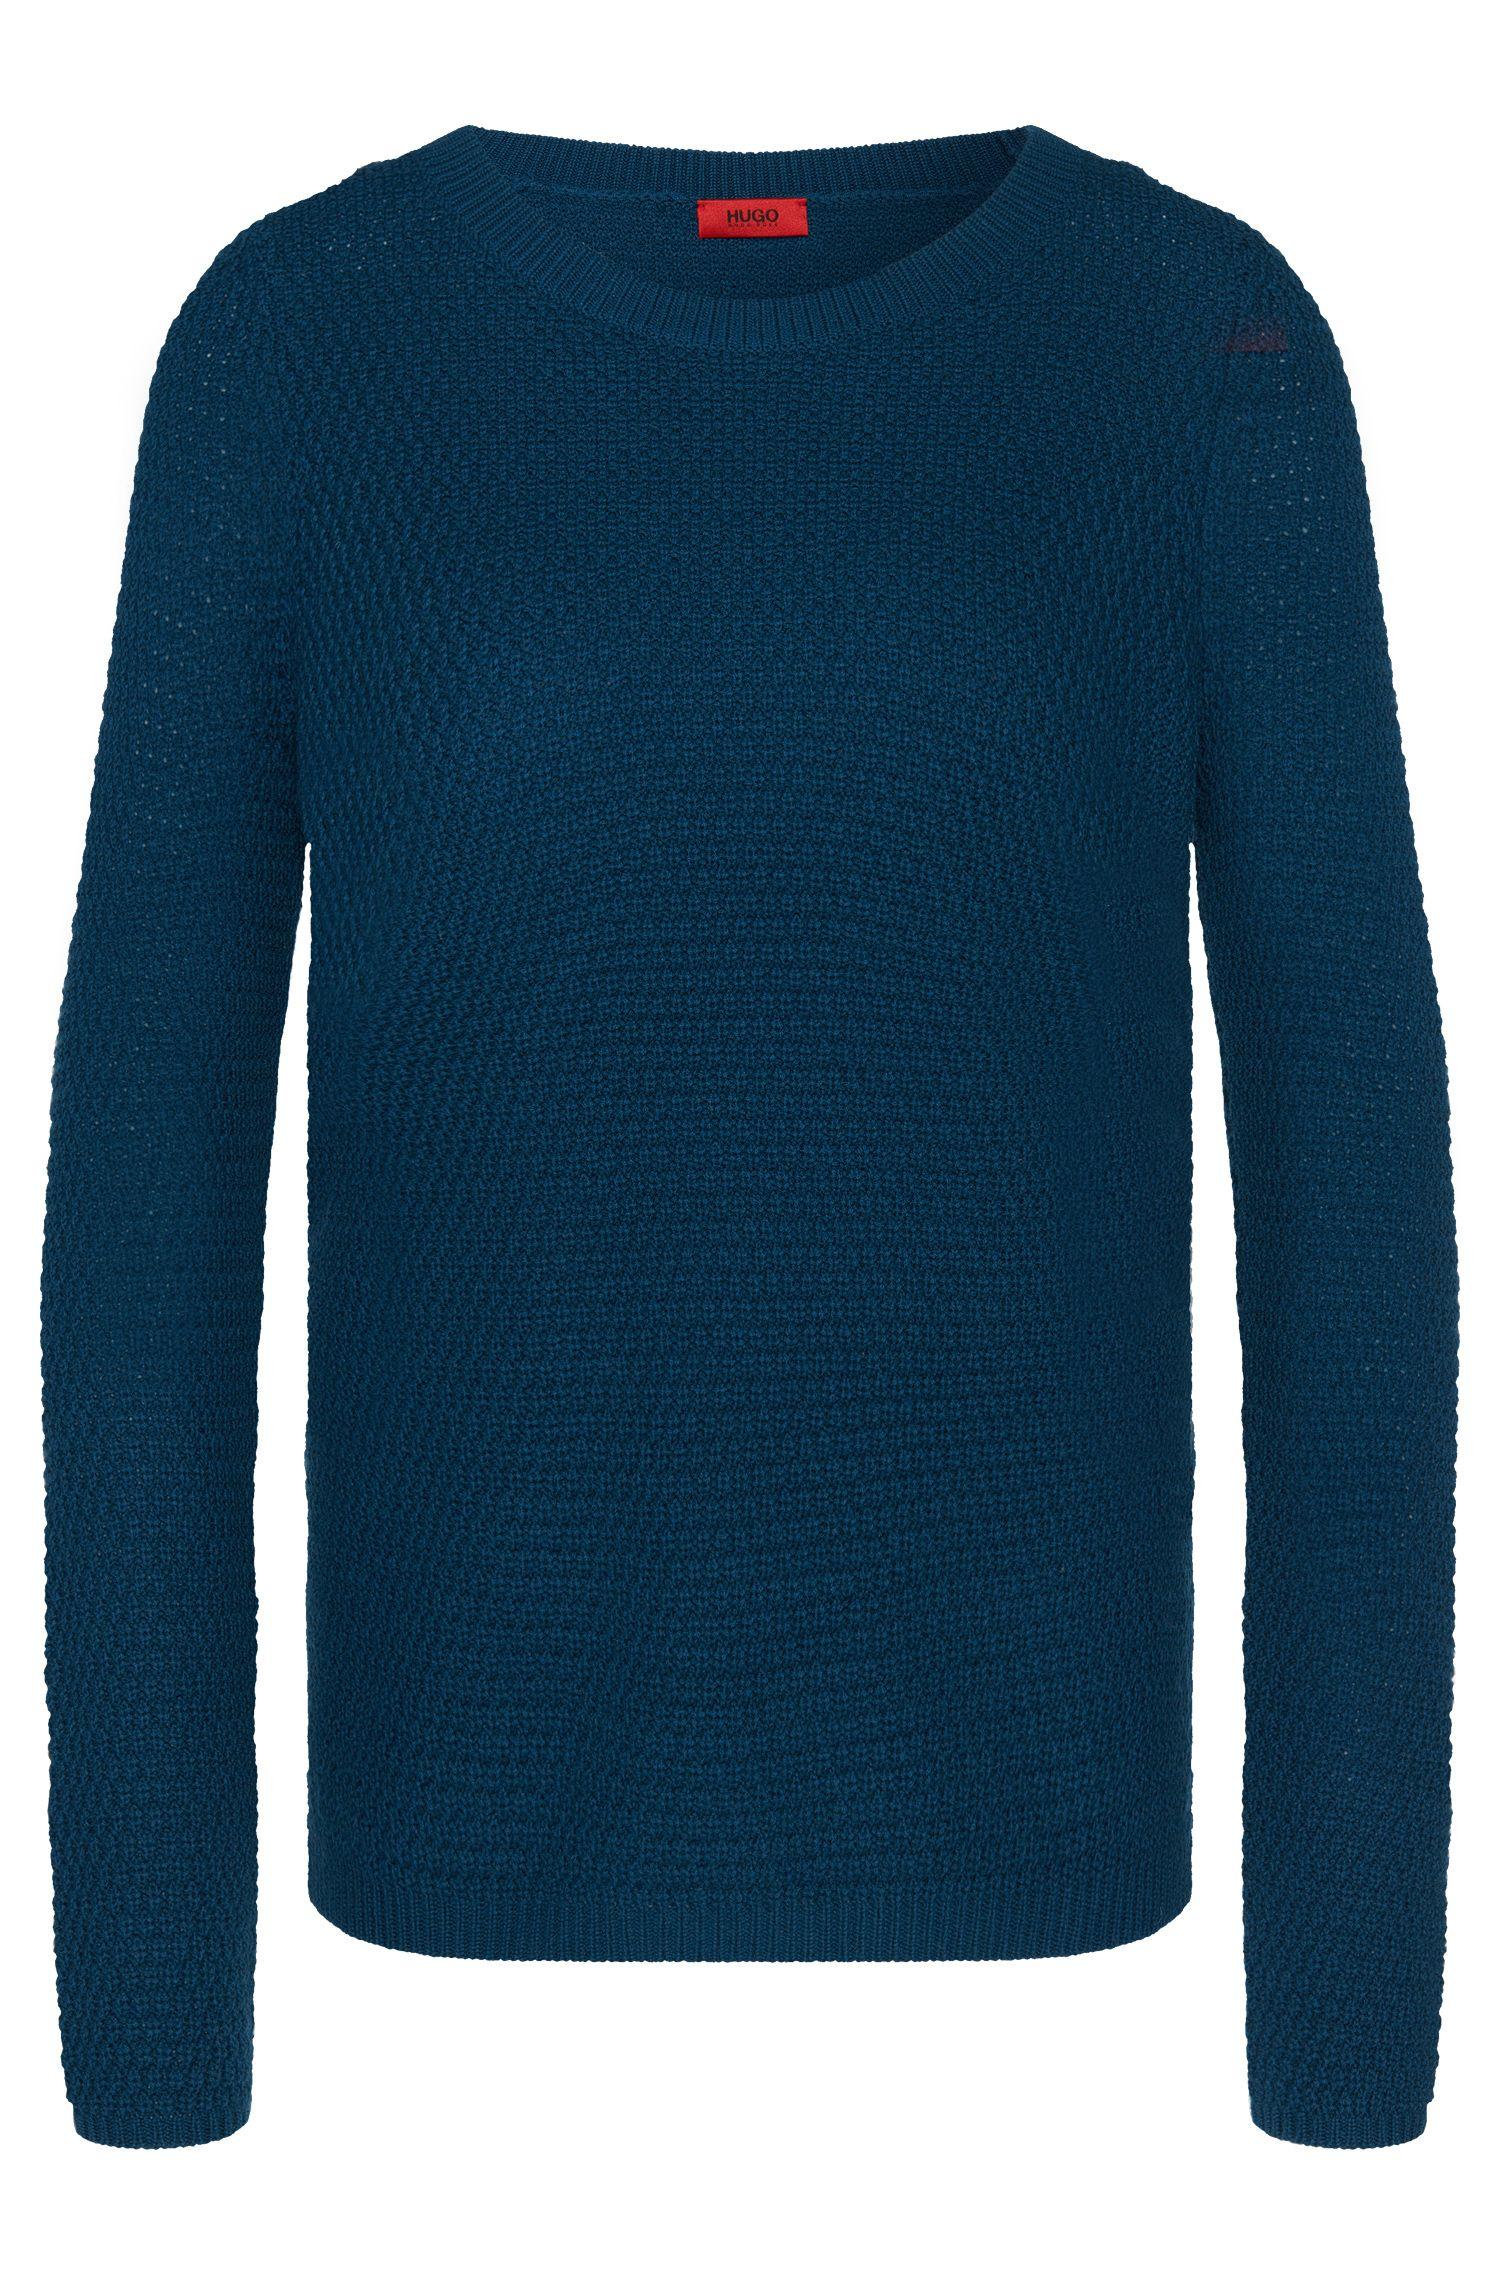 Pullover in misto lana vergine con cashmere: 'Sharla'